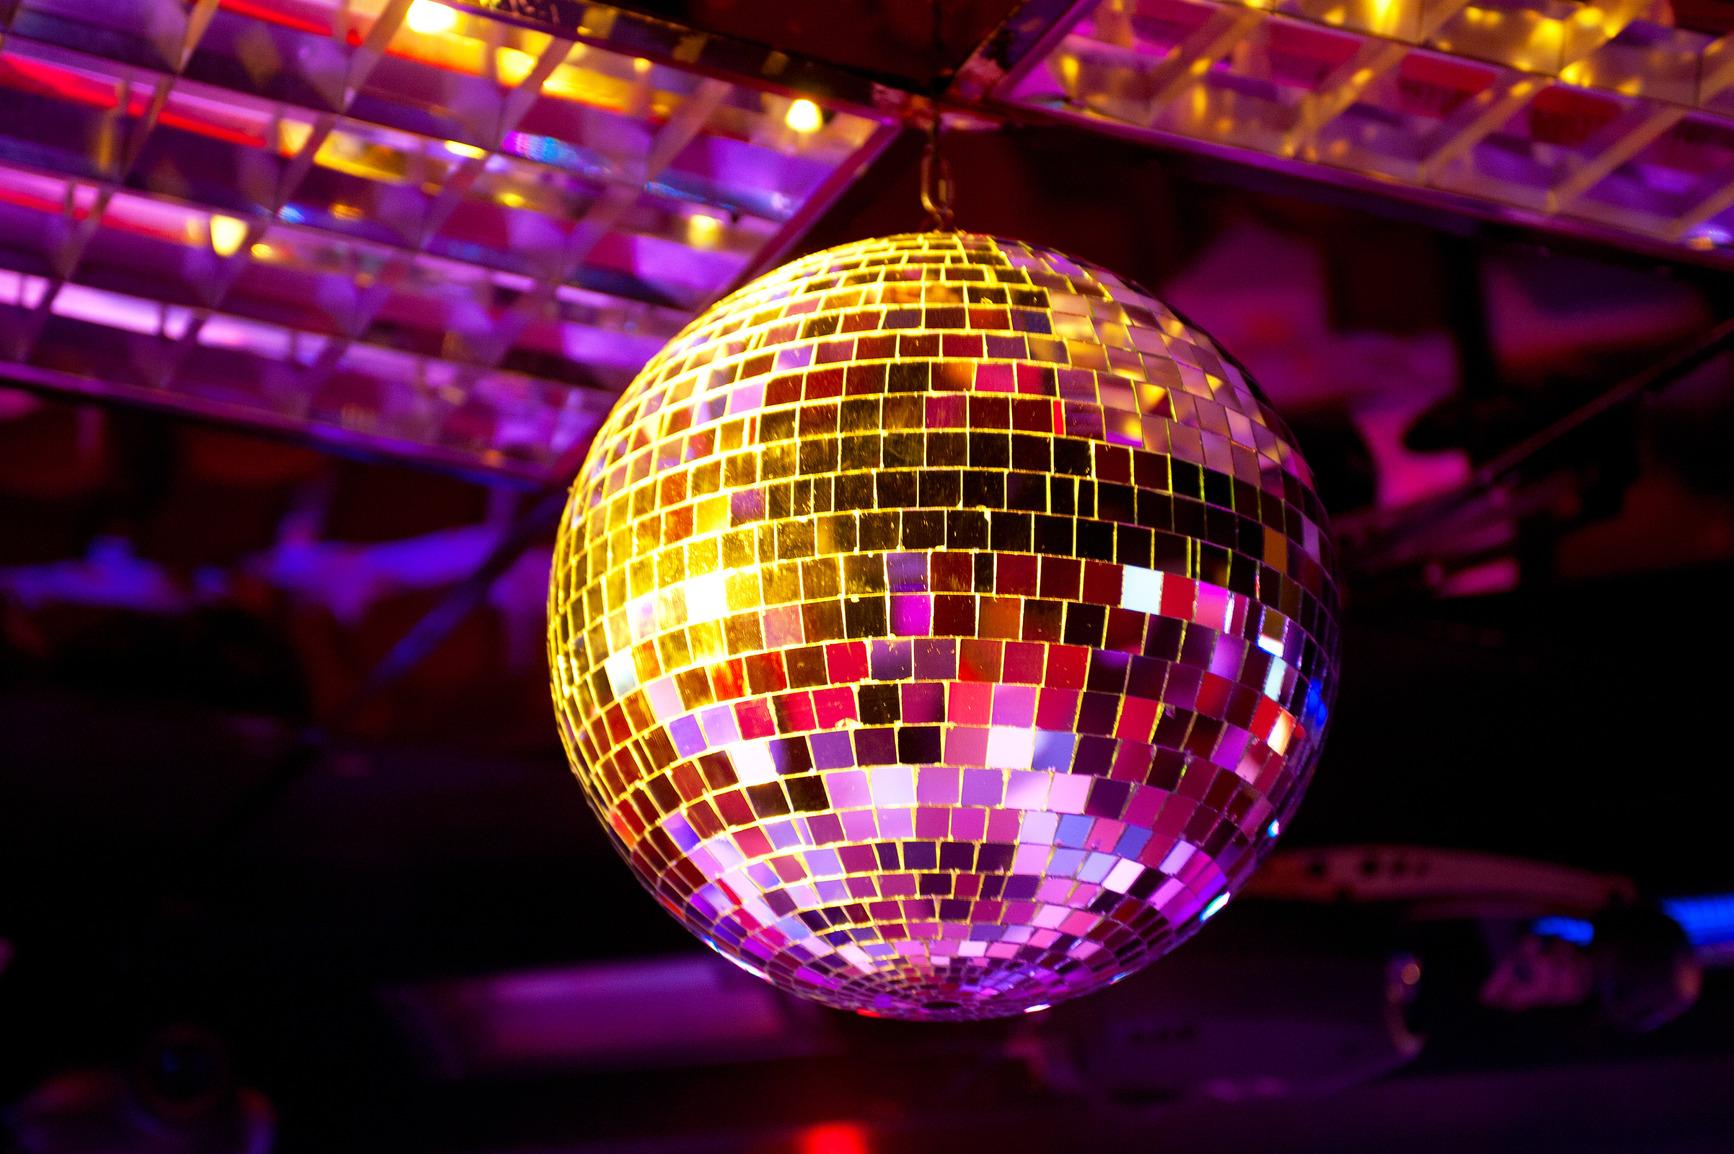 High Resolution Wallpaper | Disco Ball 1734x1154 px